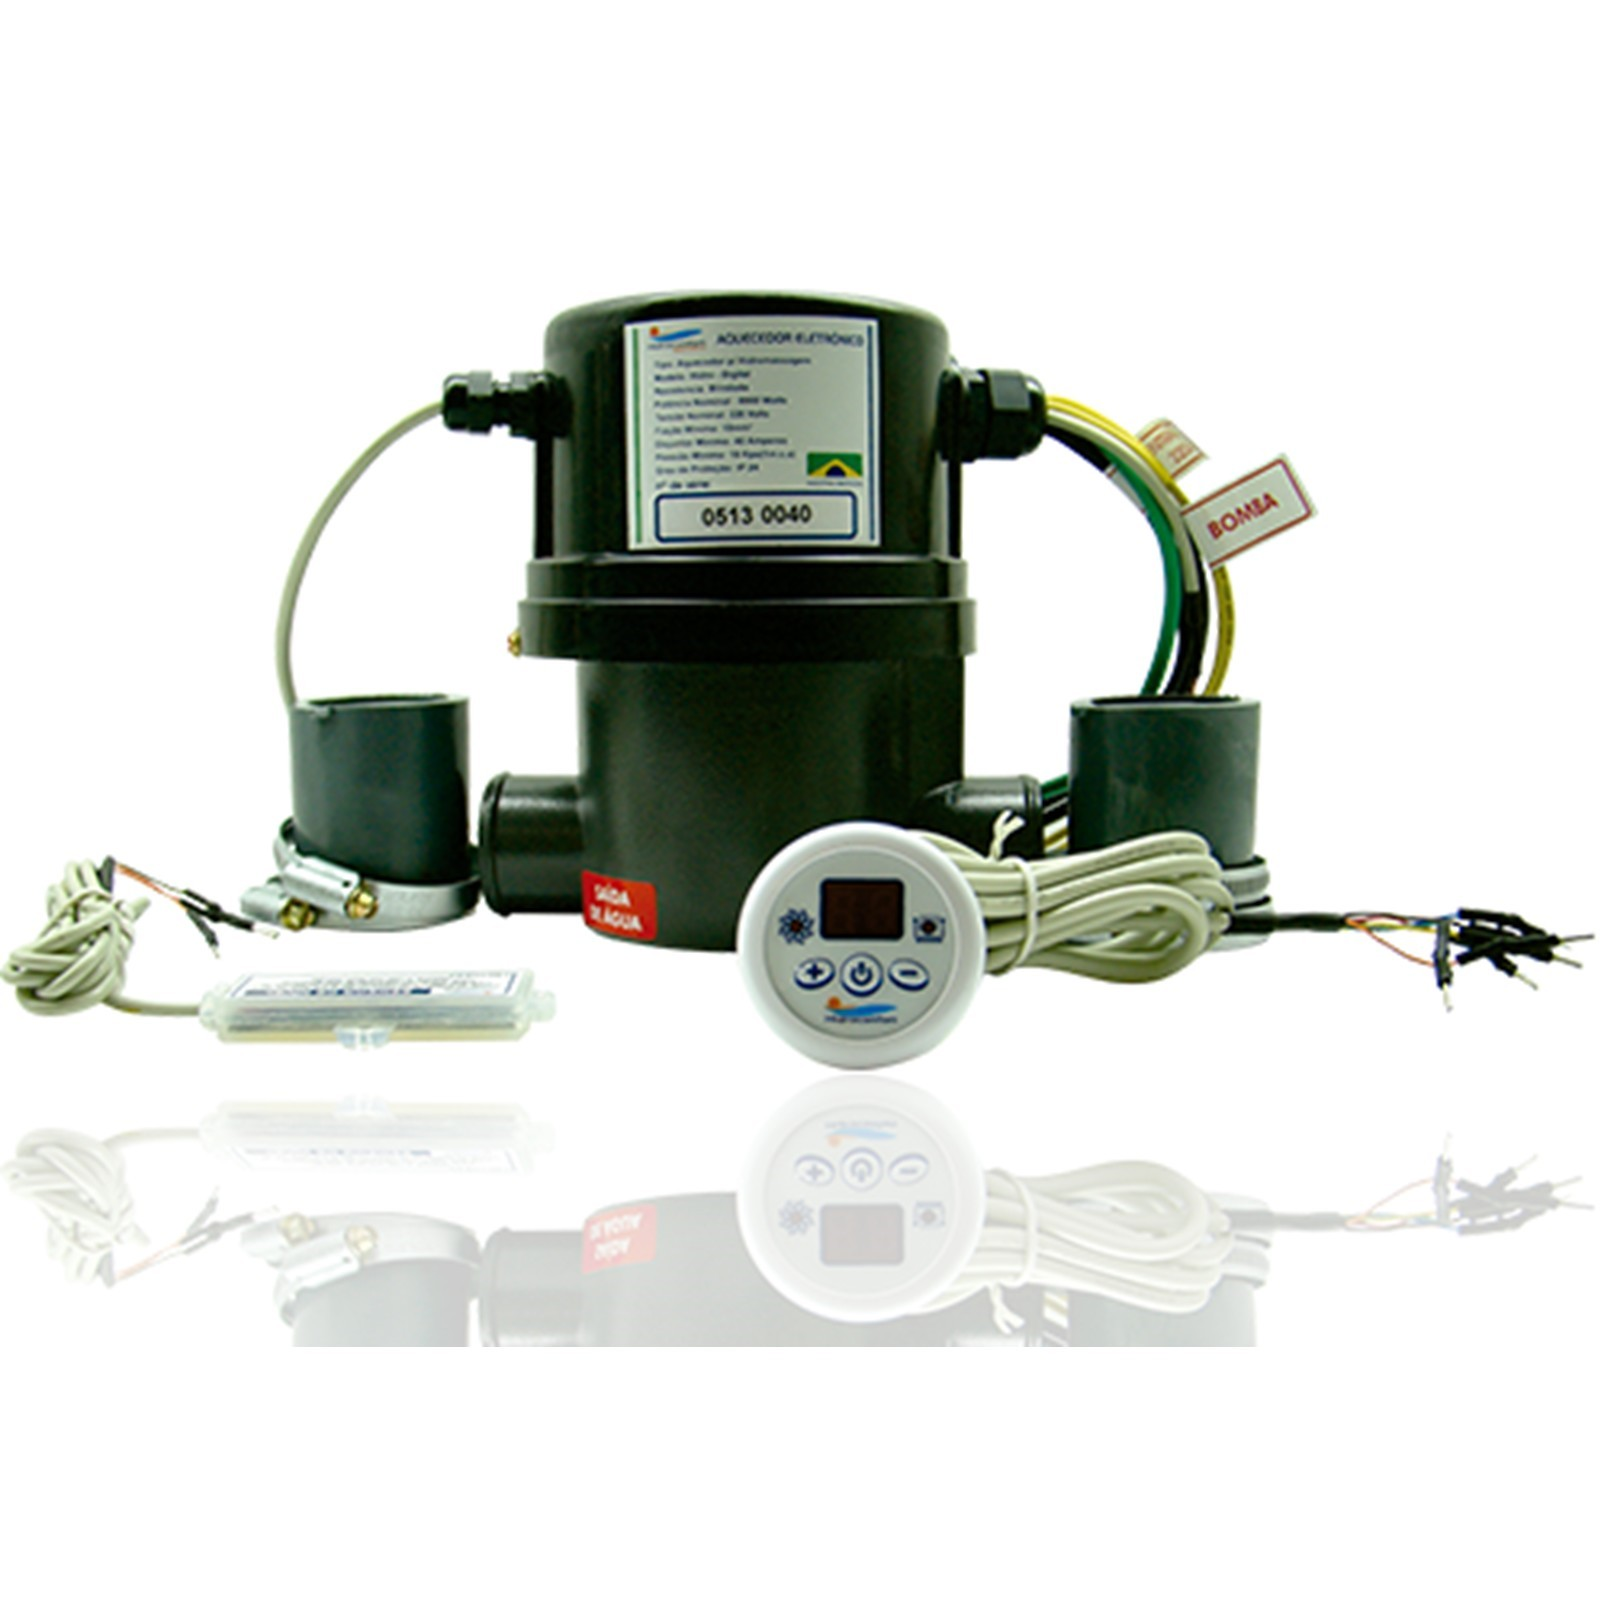 Aquecedor de Hidromassagem Digital 5000W Chrome Silver 220V - Hidroconfort